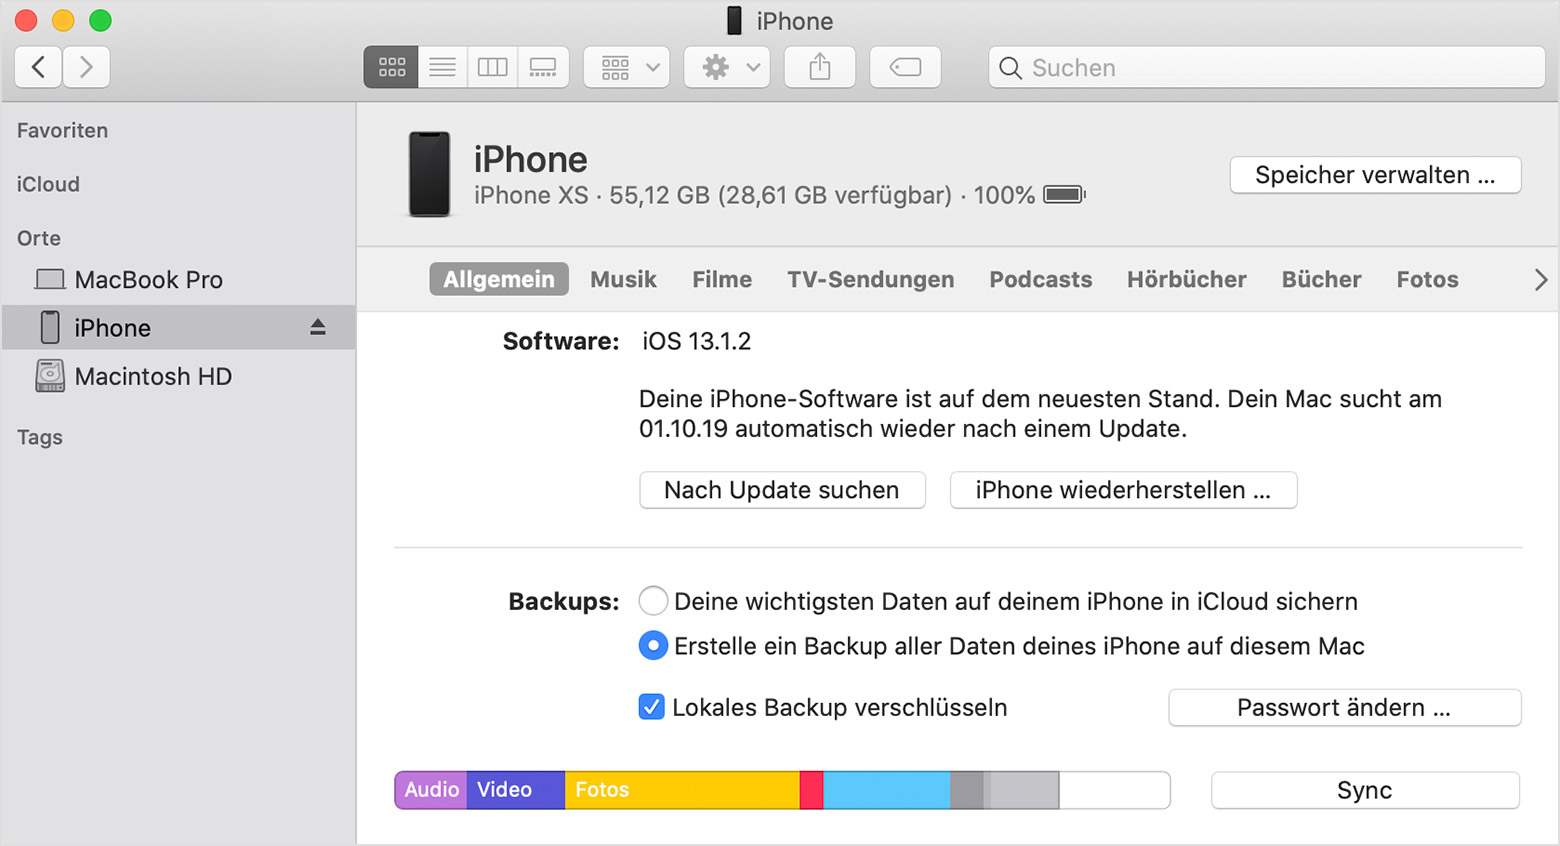 iphone verschlüsseltes backup löschen